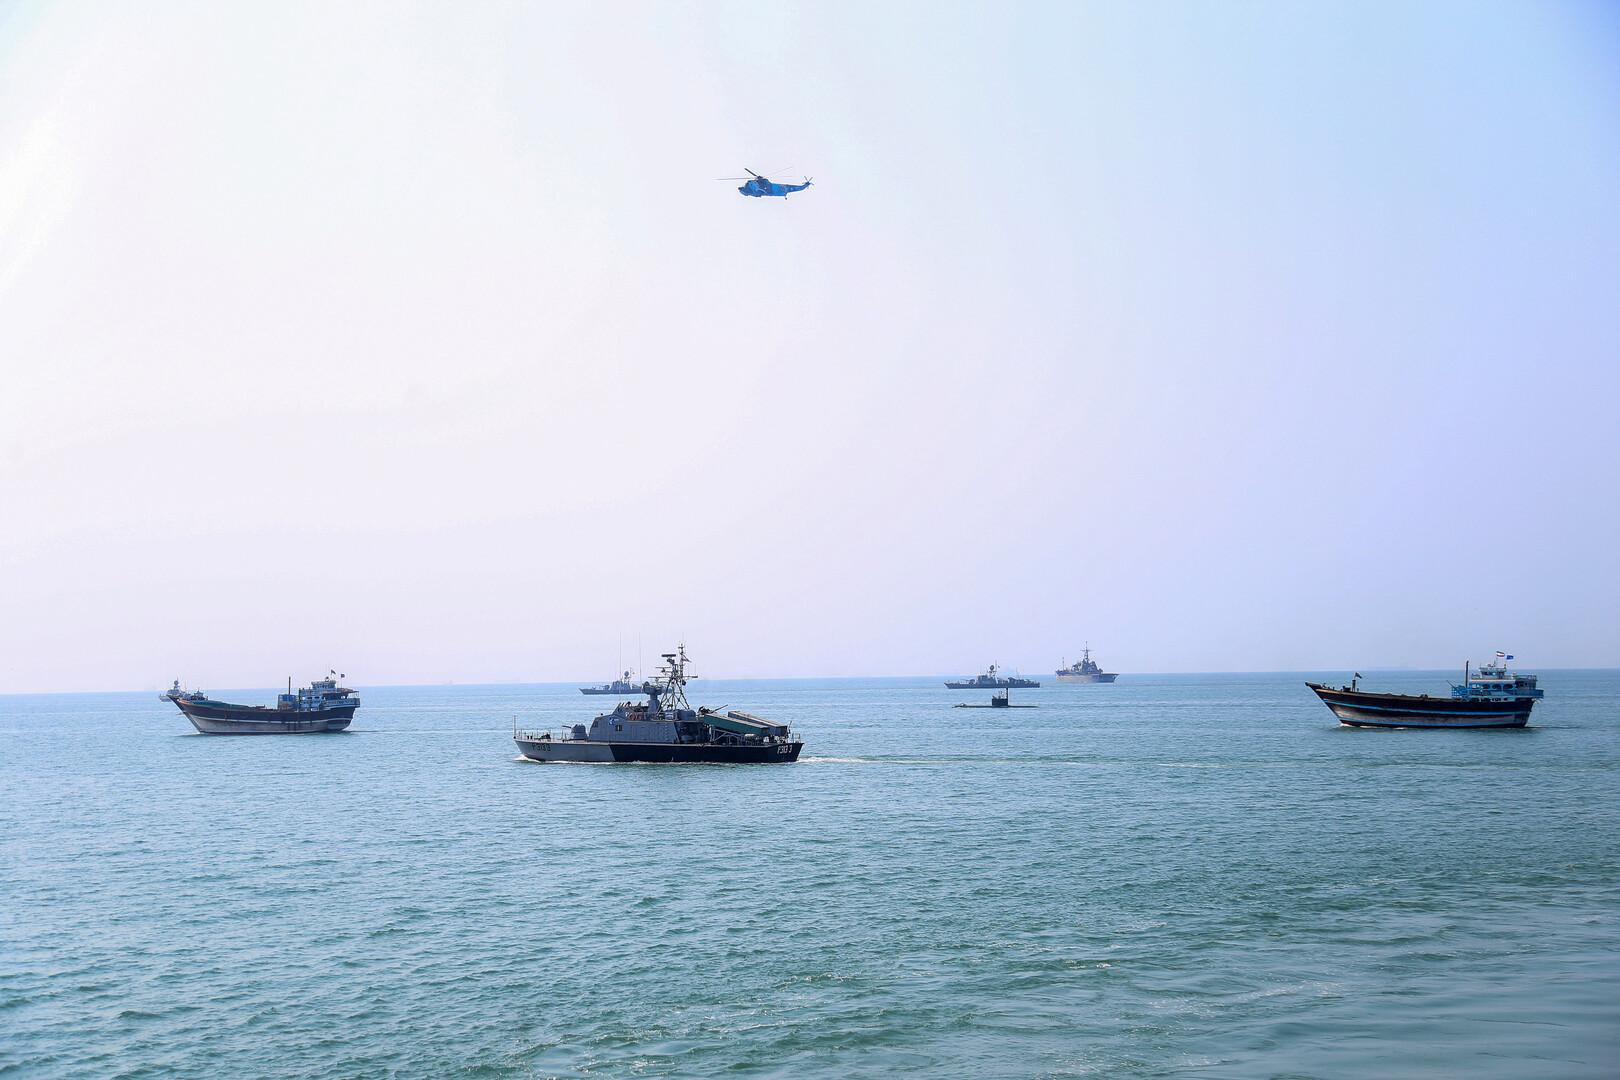 إيران تعلن عن مناورات عسكرية بحرية مع روسيا والصين يوم 27 ديسمبر